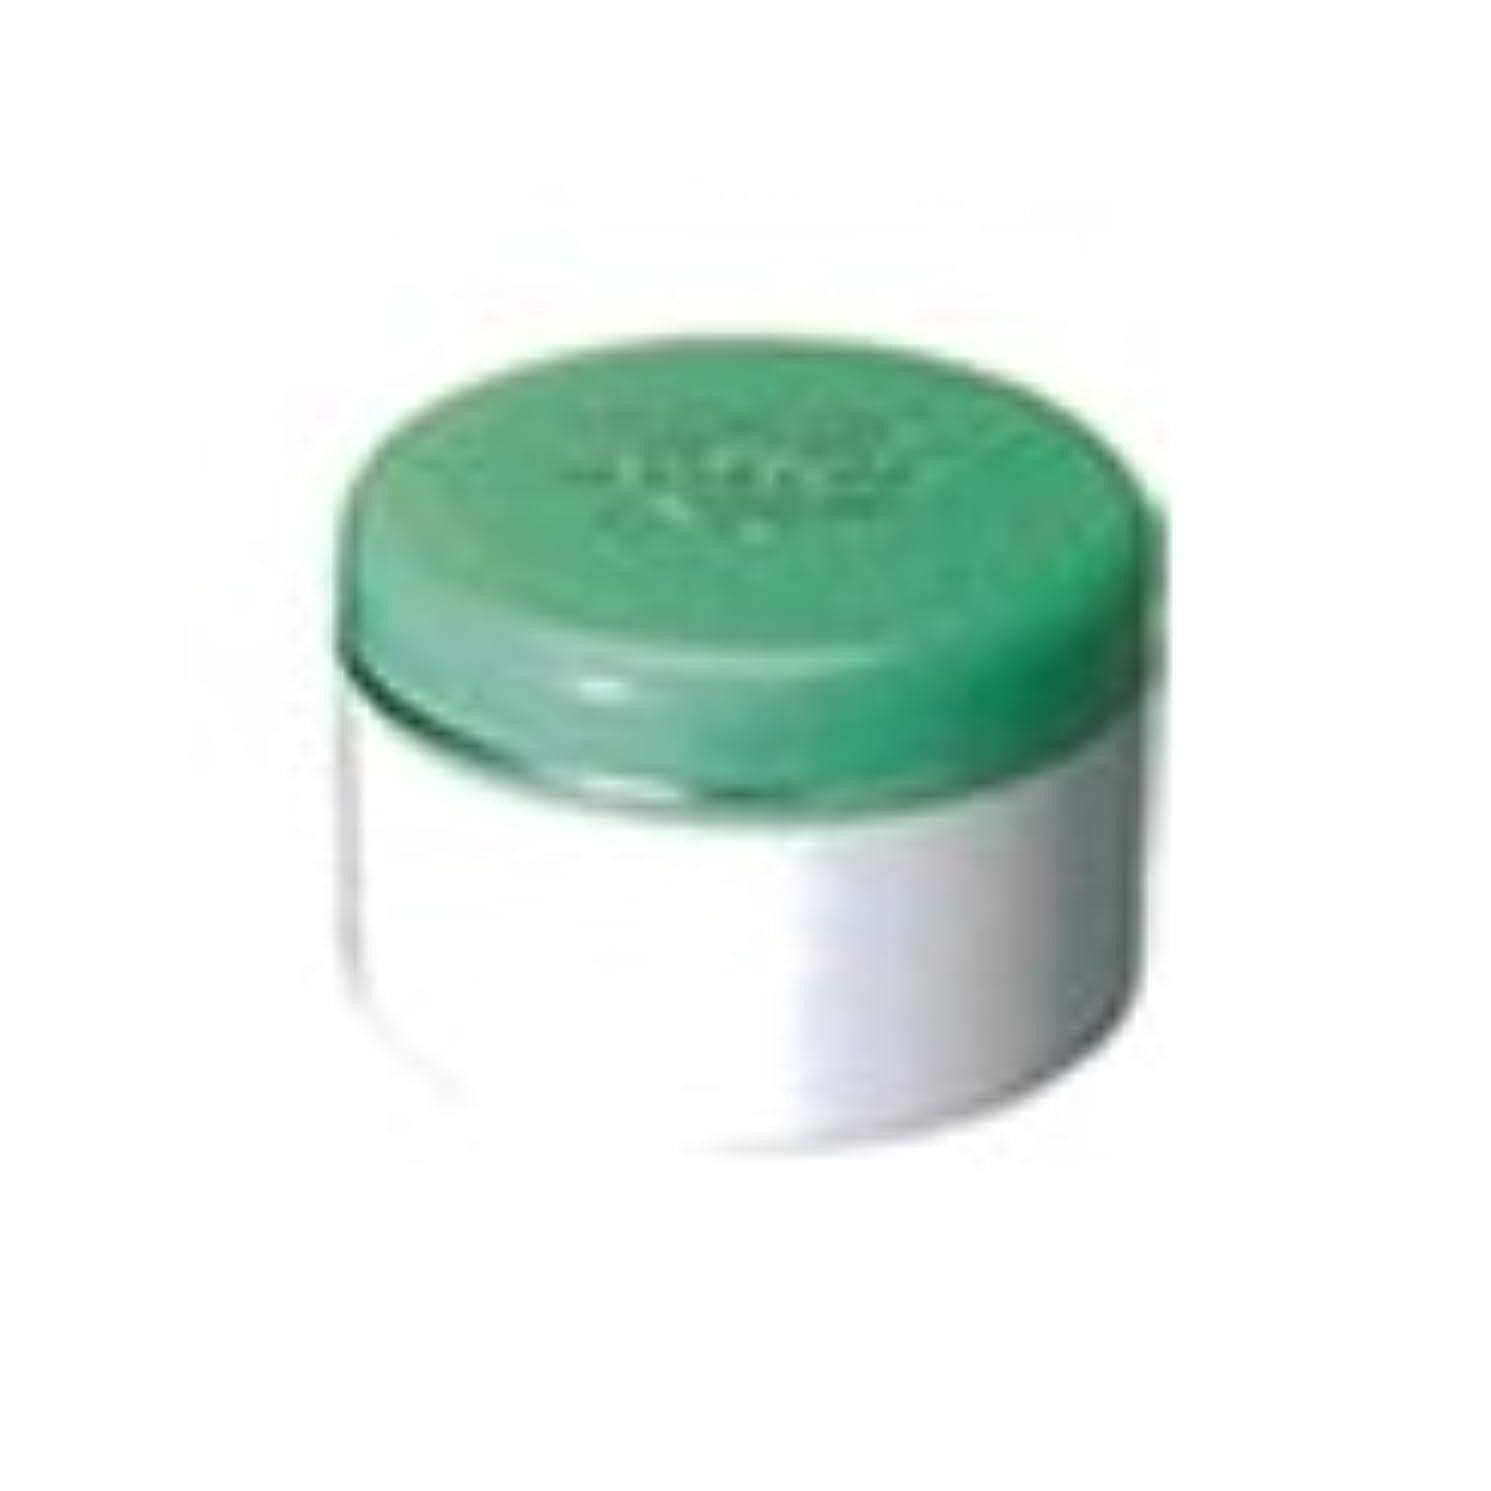 トーナメント汚染小さいパナールミロンナリシングクリーム